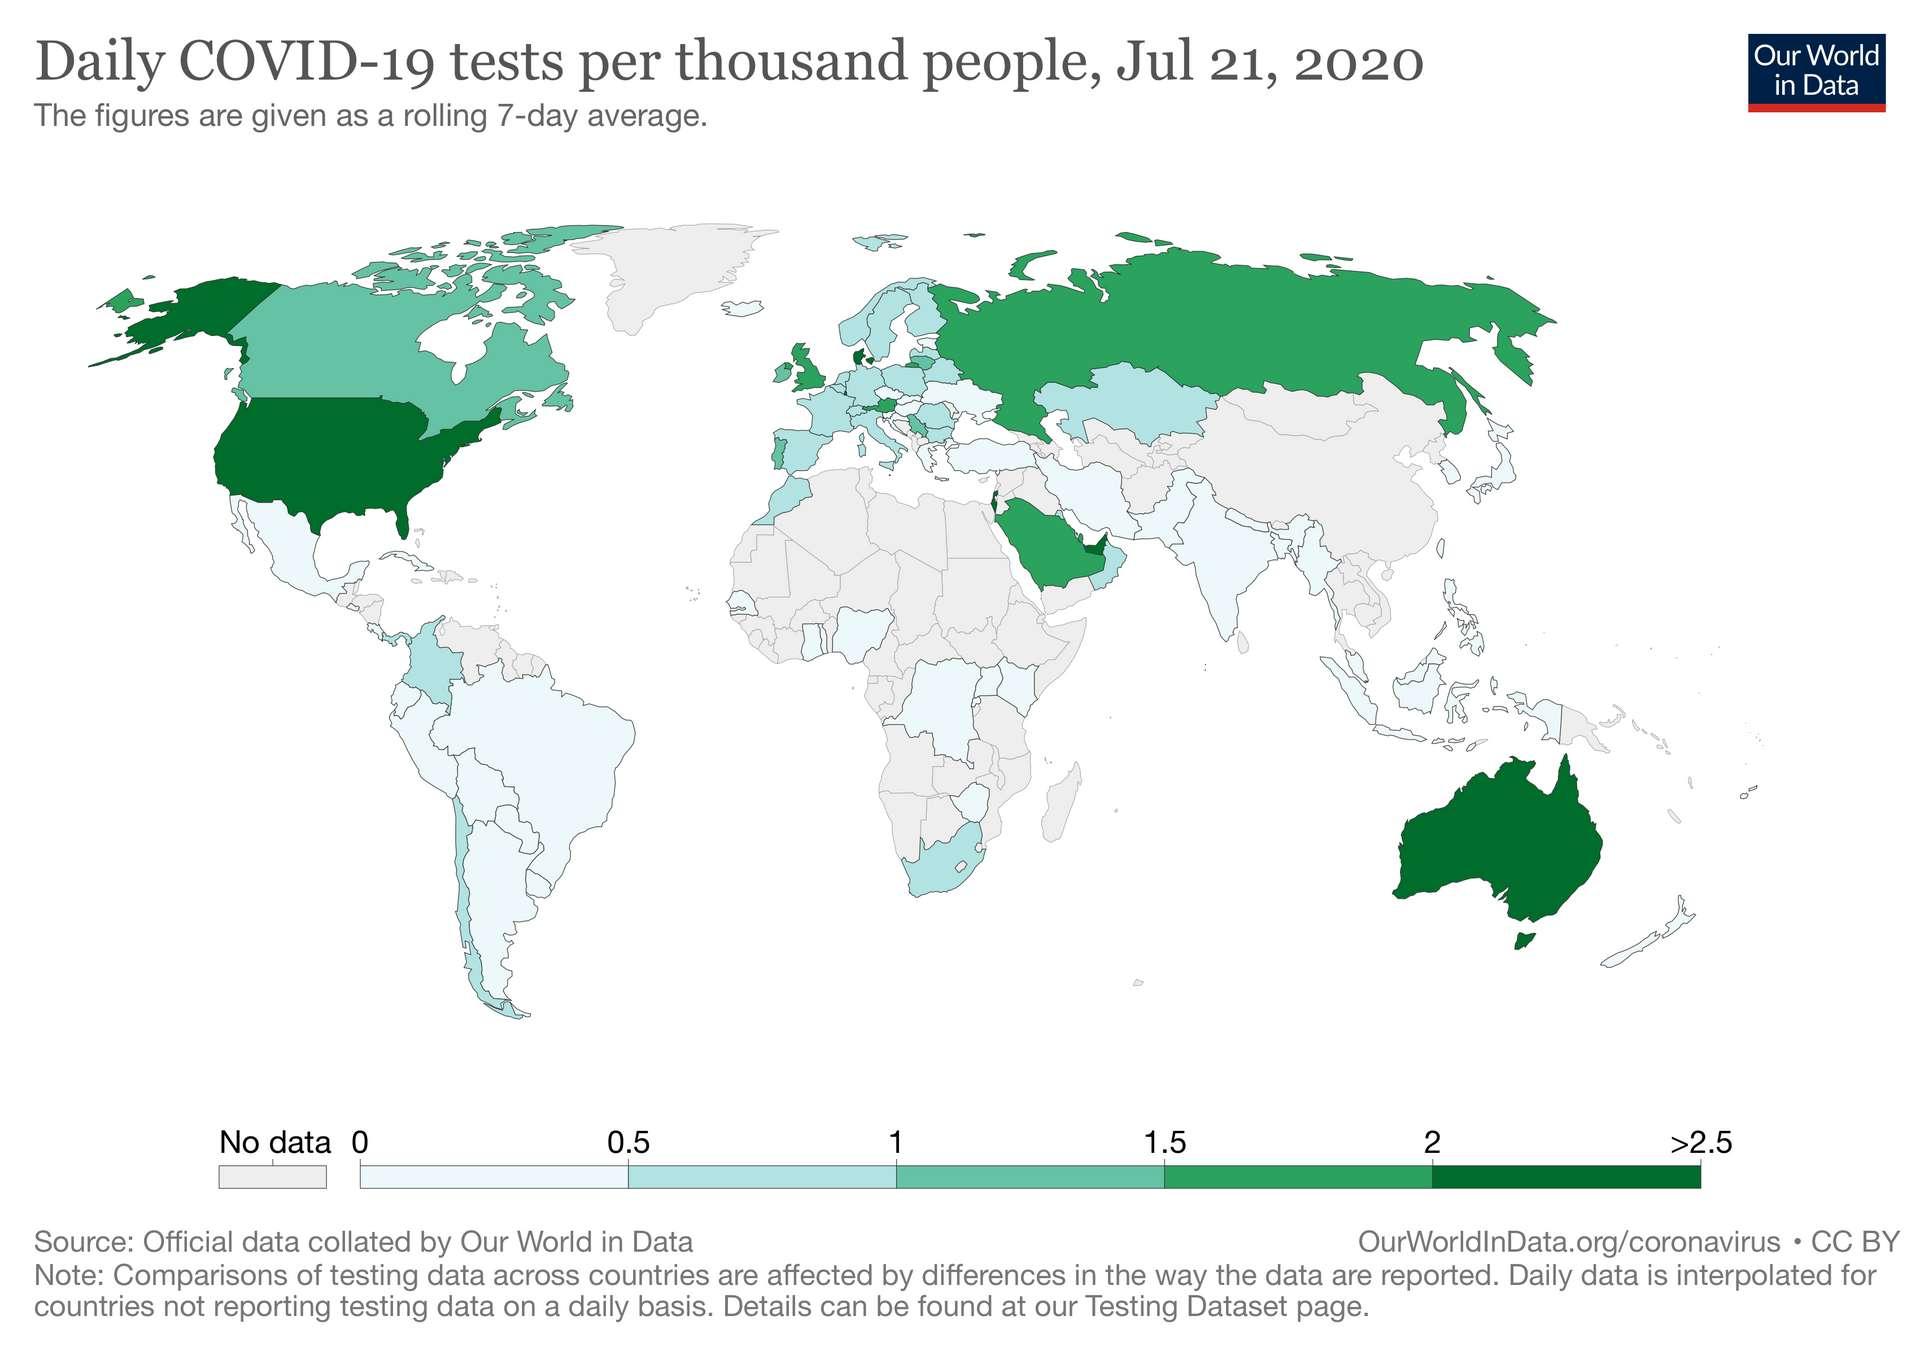 Nombre de tests de dépistage pratiqués pour 1.000 habitants. Le chiffre est de 0,79 pour la France. © Our World in Data